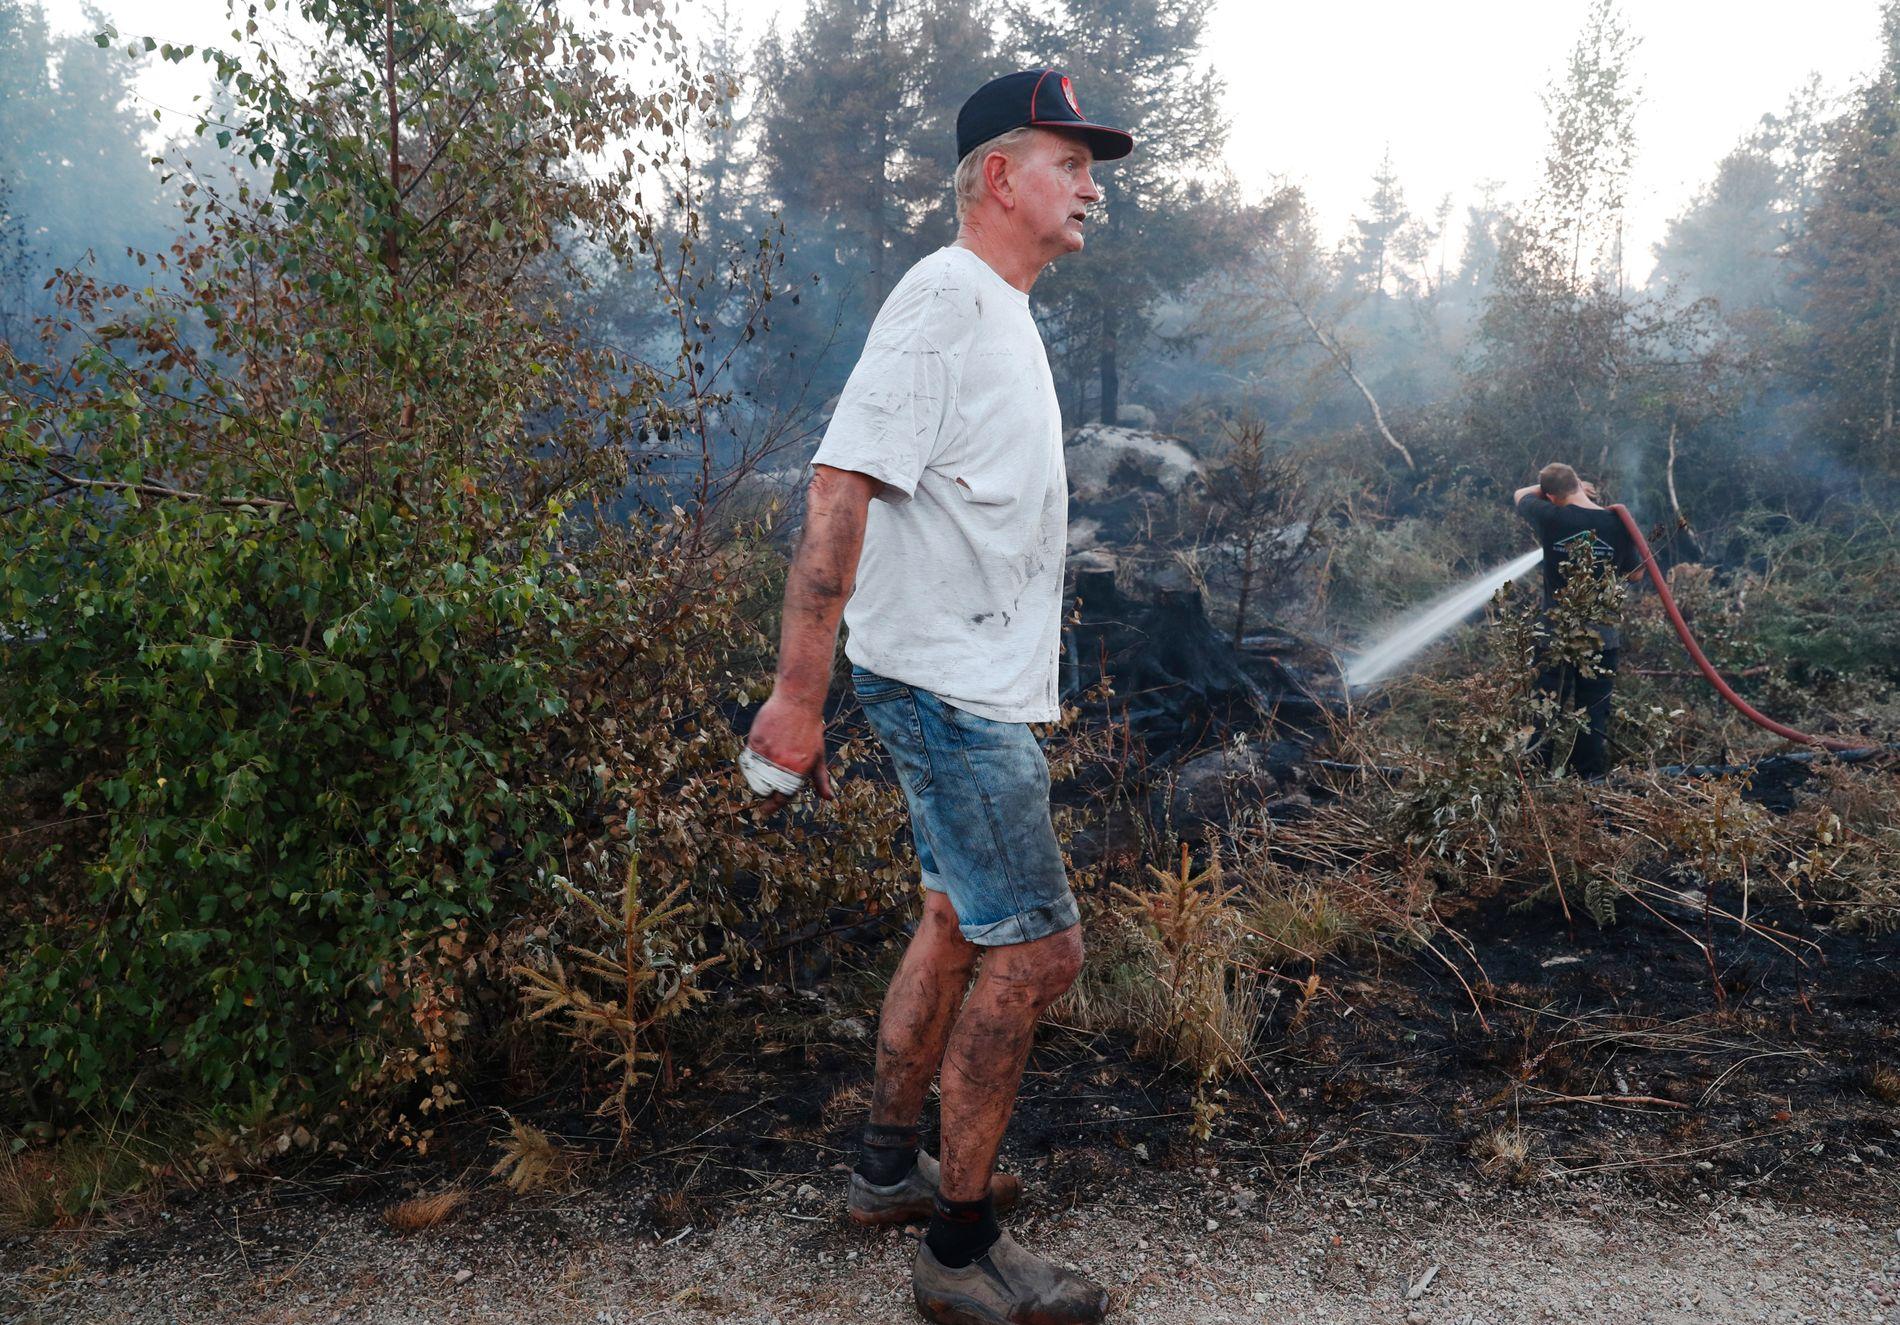 Brannmann Kåre Hørte var med på slukningsarbeidet torsdag kveld og fredag kveld. Det er hardt arbeid, forteller han. Agder hadde få og store branner, mens Telemark hadde mange små.